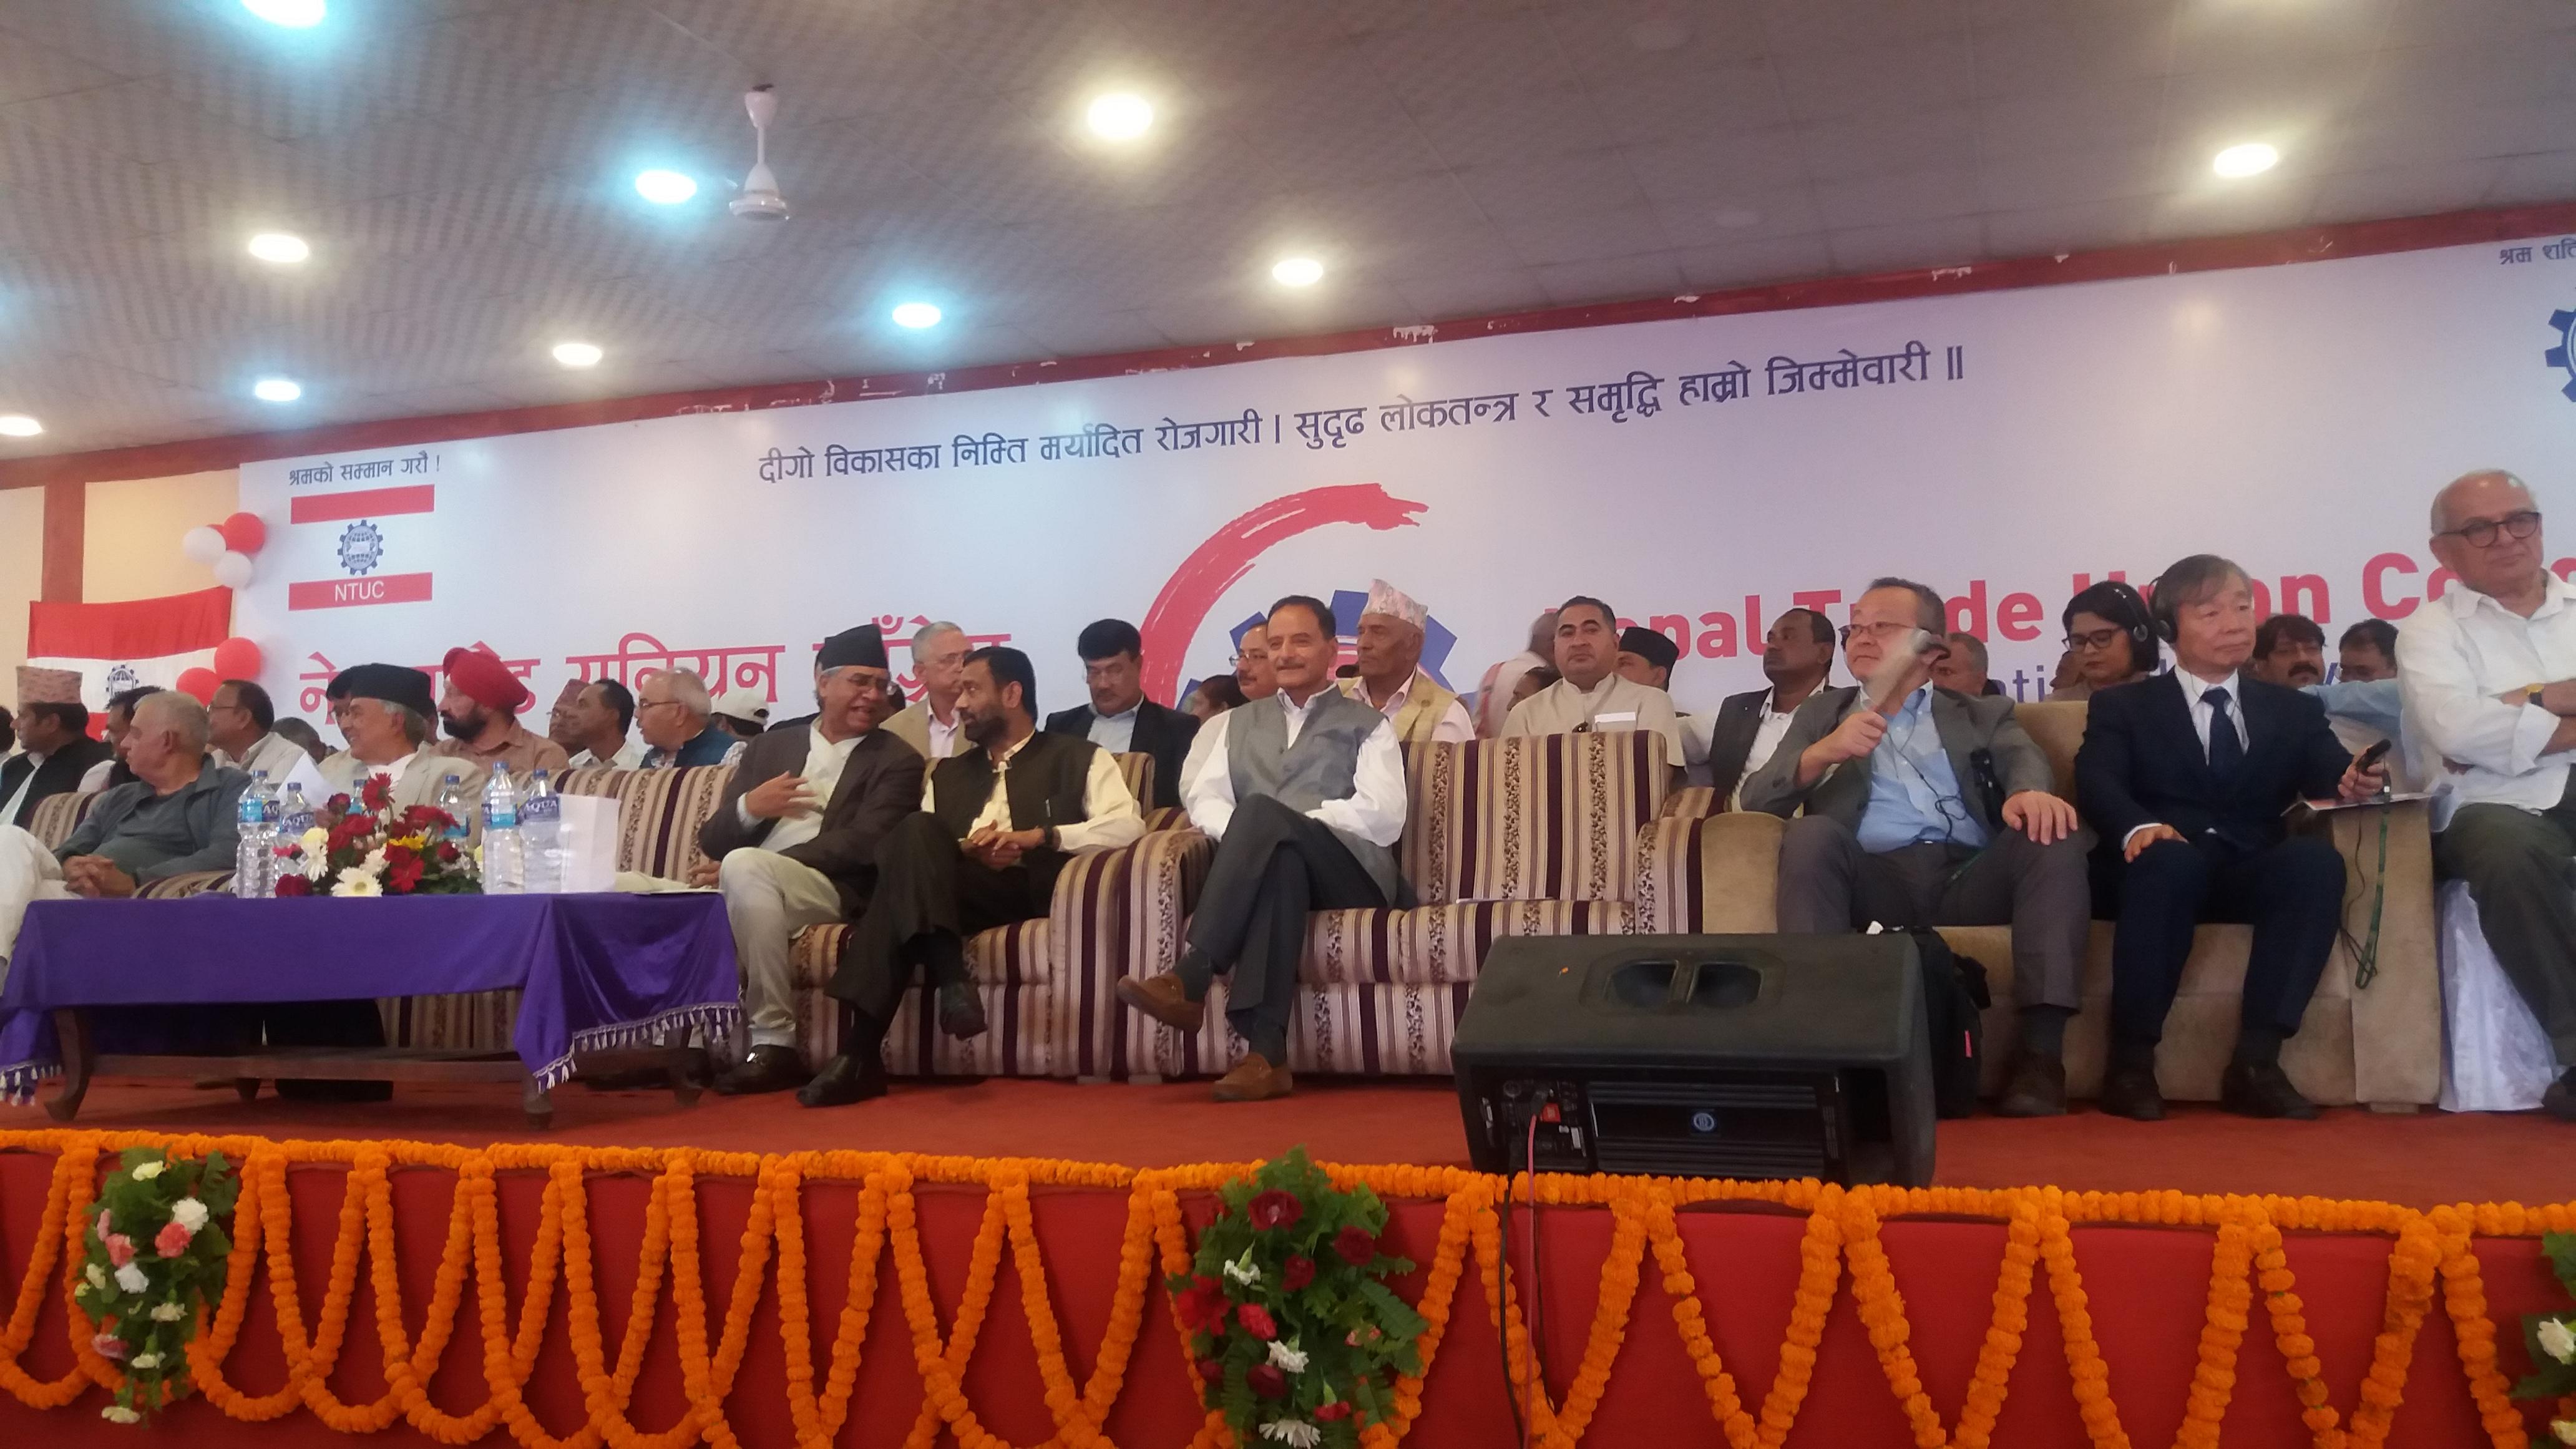 नेपाल ट्रेड युनियन कांग्रेसको छैटौं महाधिवेशनको उद्घाटन